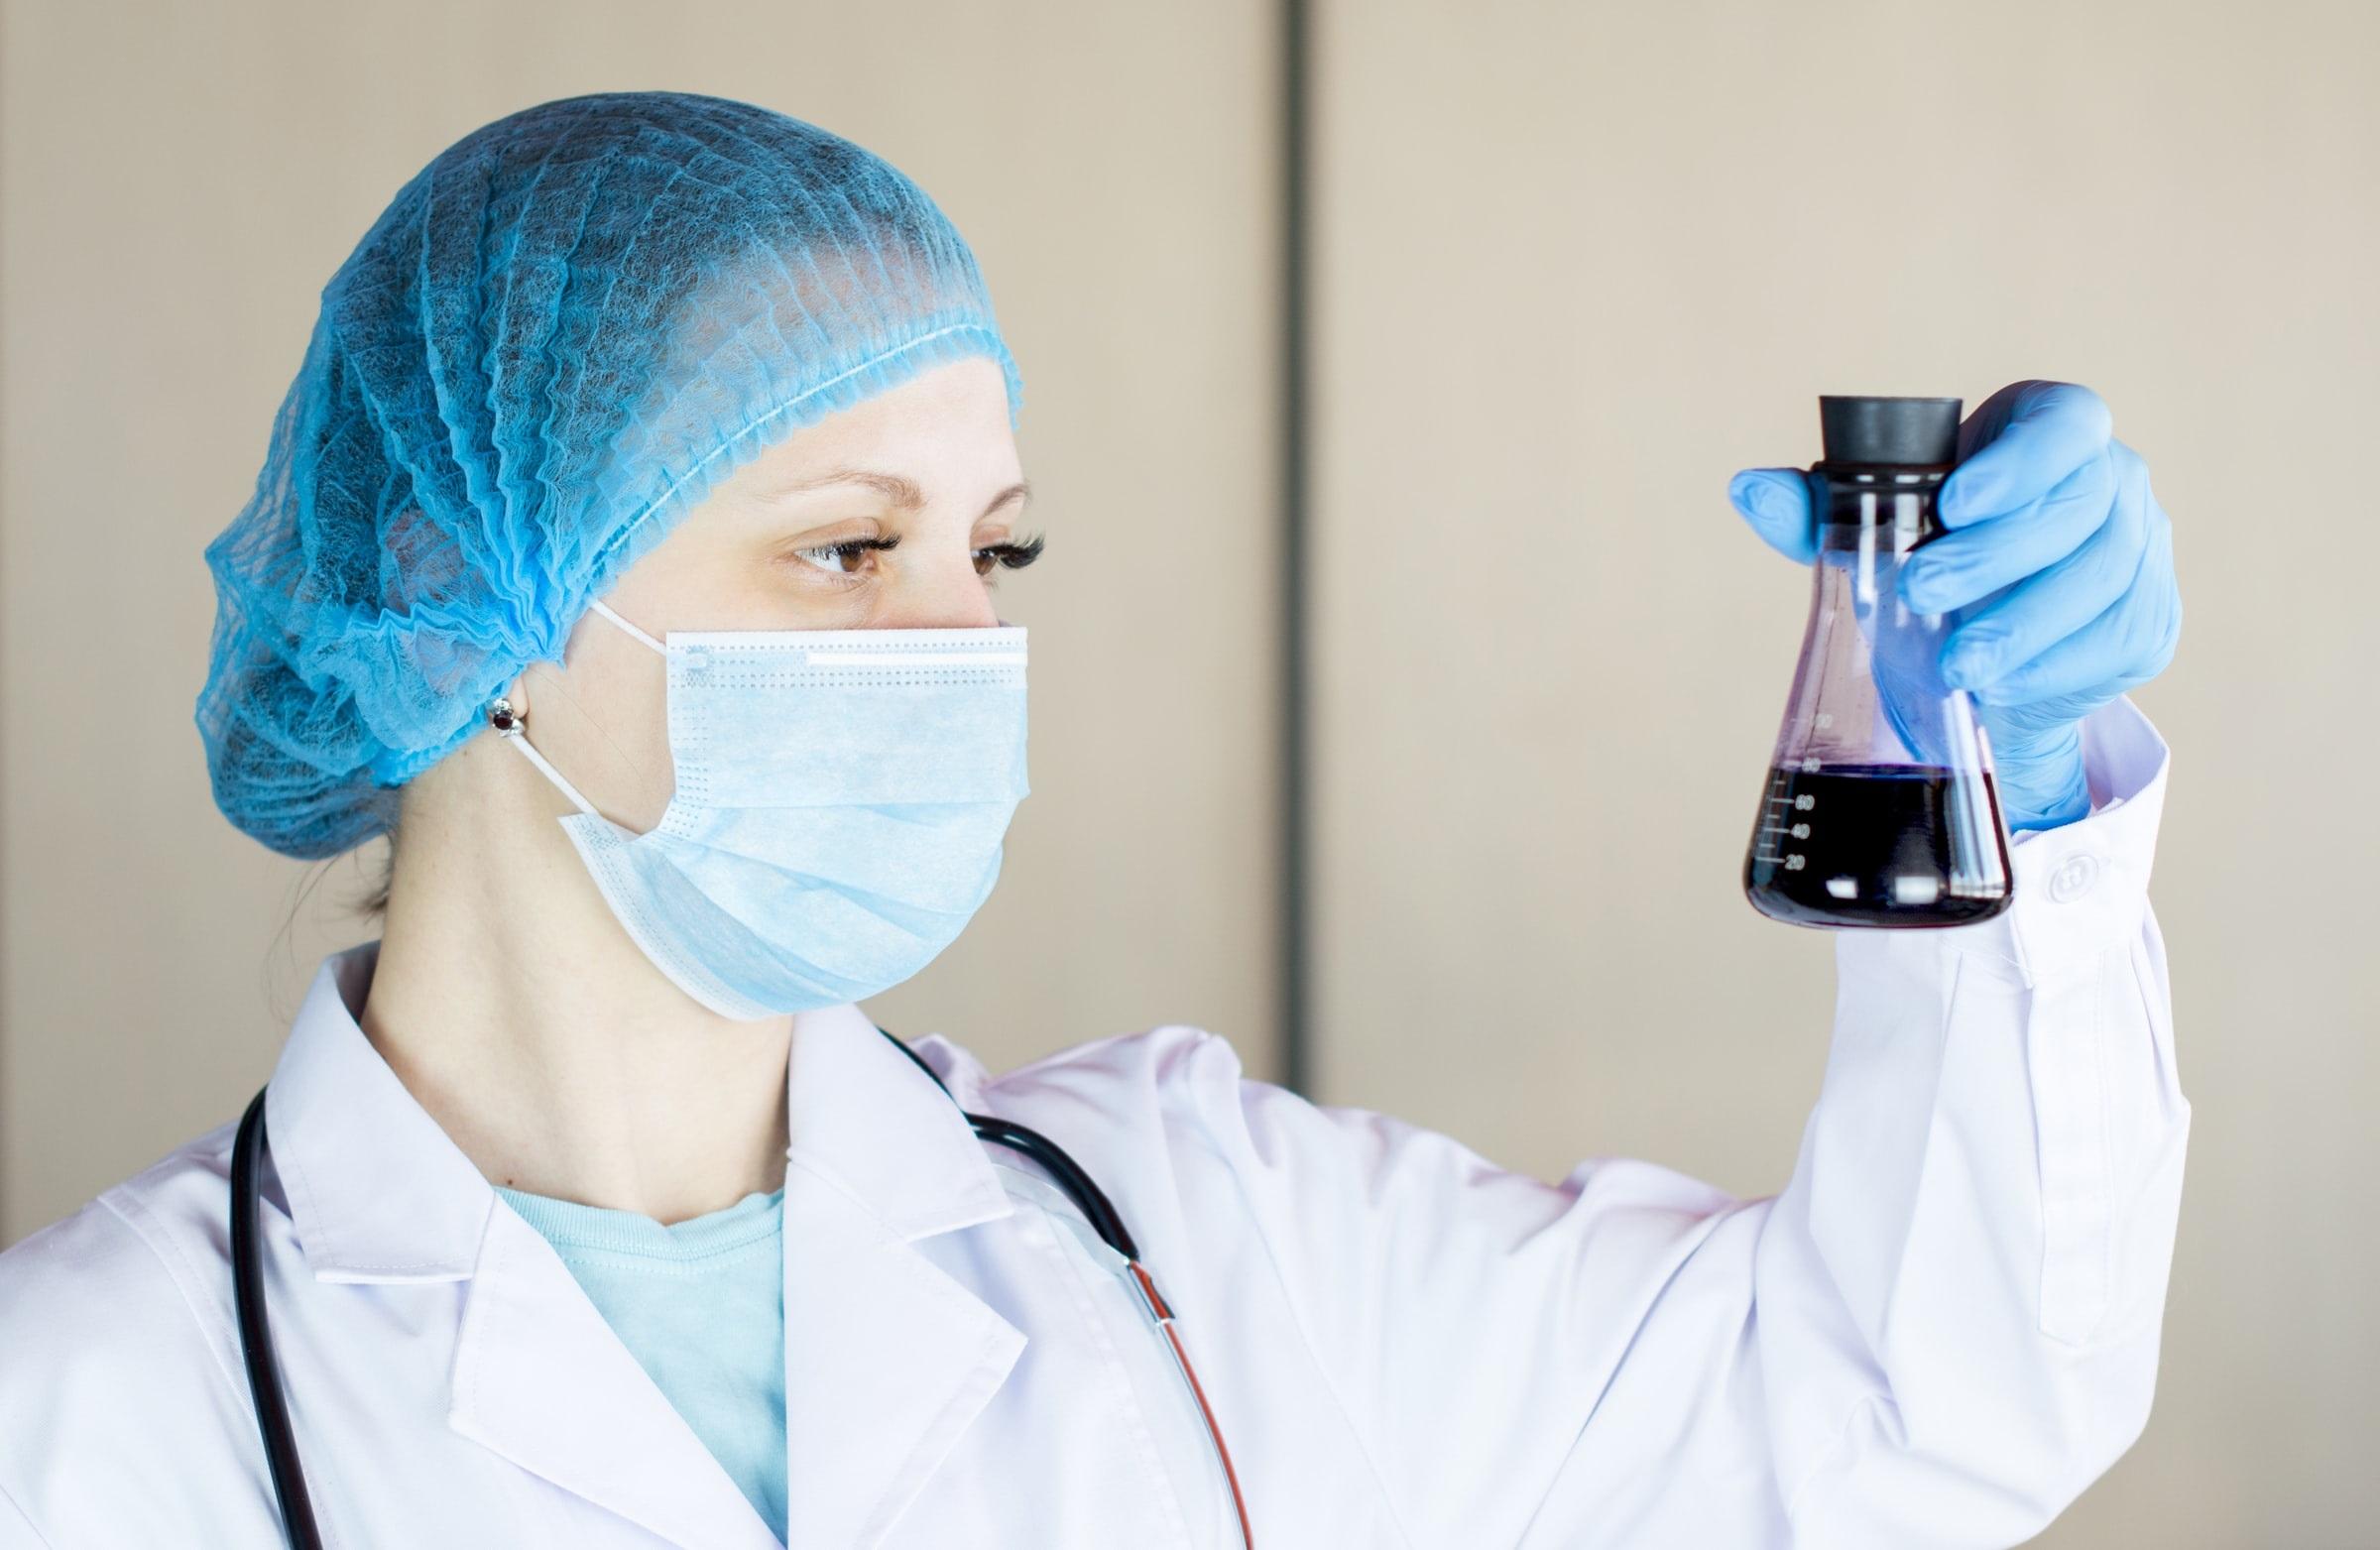 Laboratoire, chercheur, science, COVID-19.